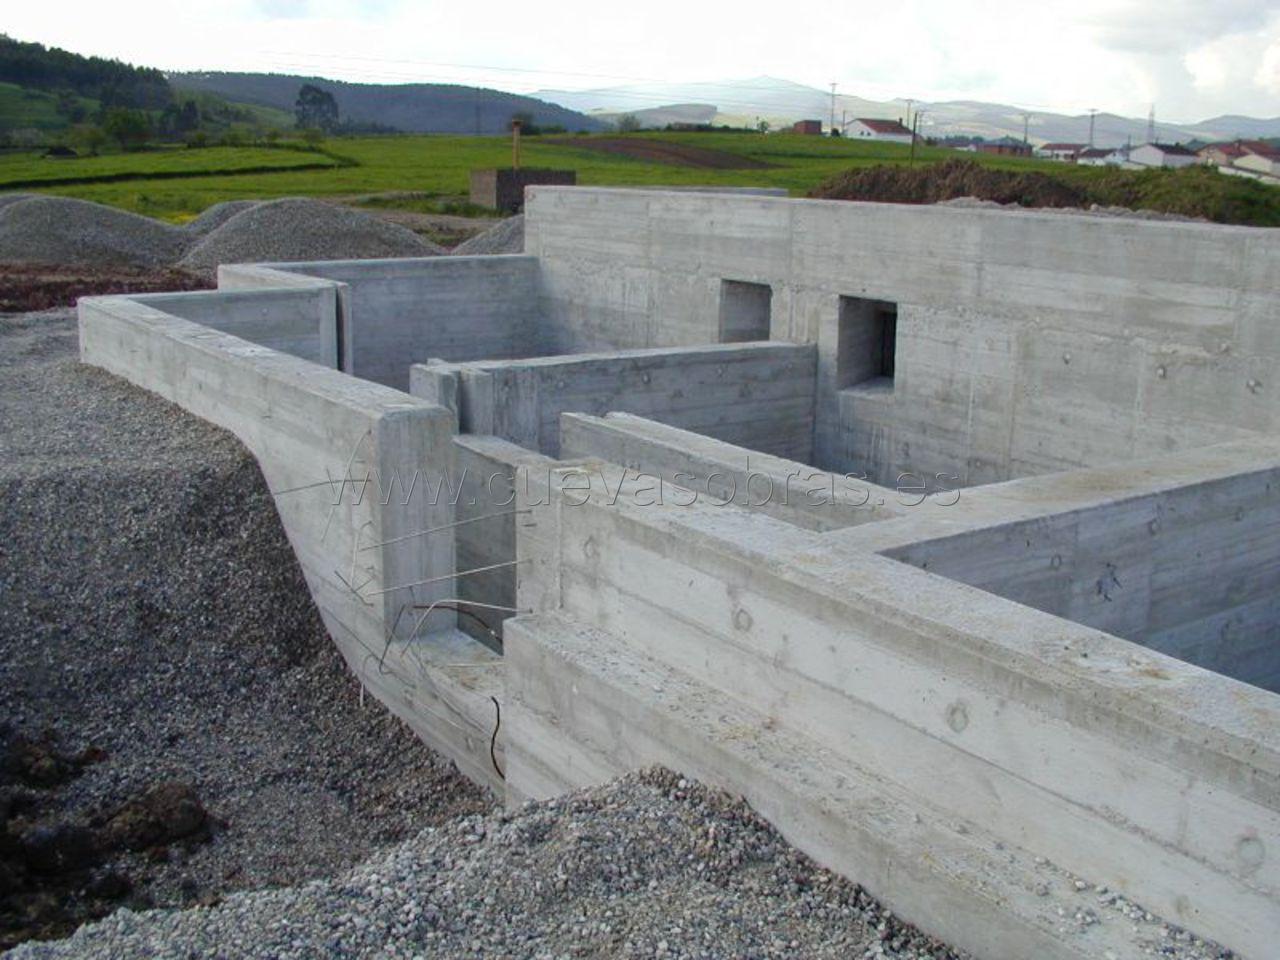 En Cuevas Obras somos profesionales en abastecimientos y saneamientos en Cantabria